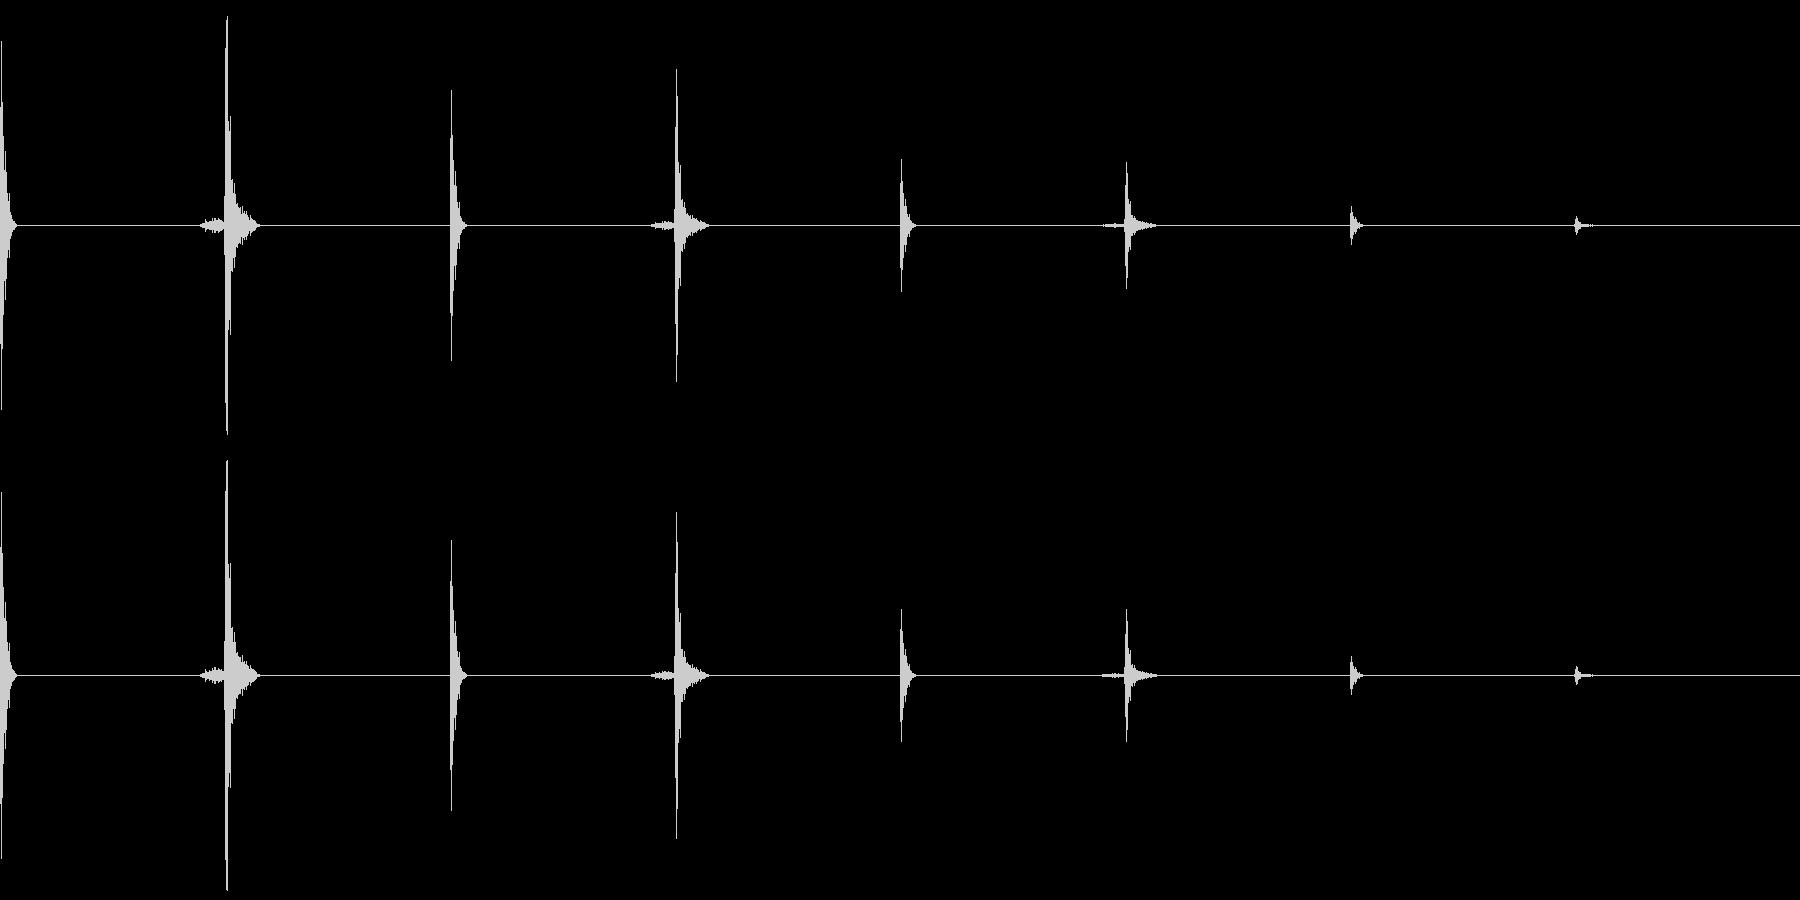 時計、タイマー、ストップウォッチ_D_4の未再生の波形